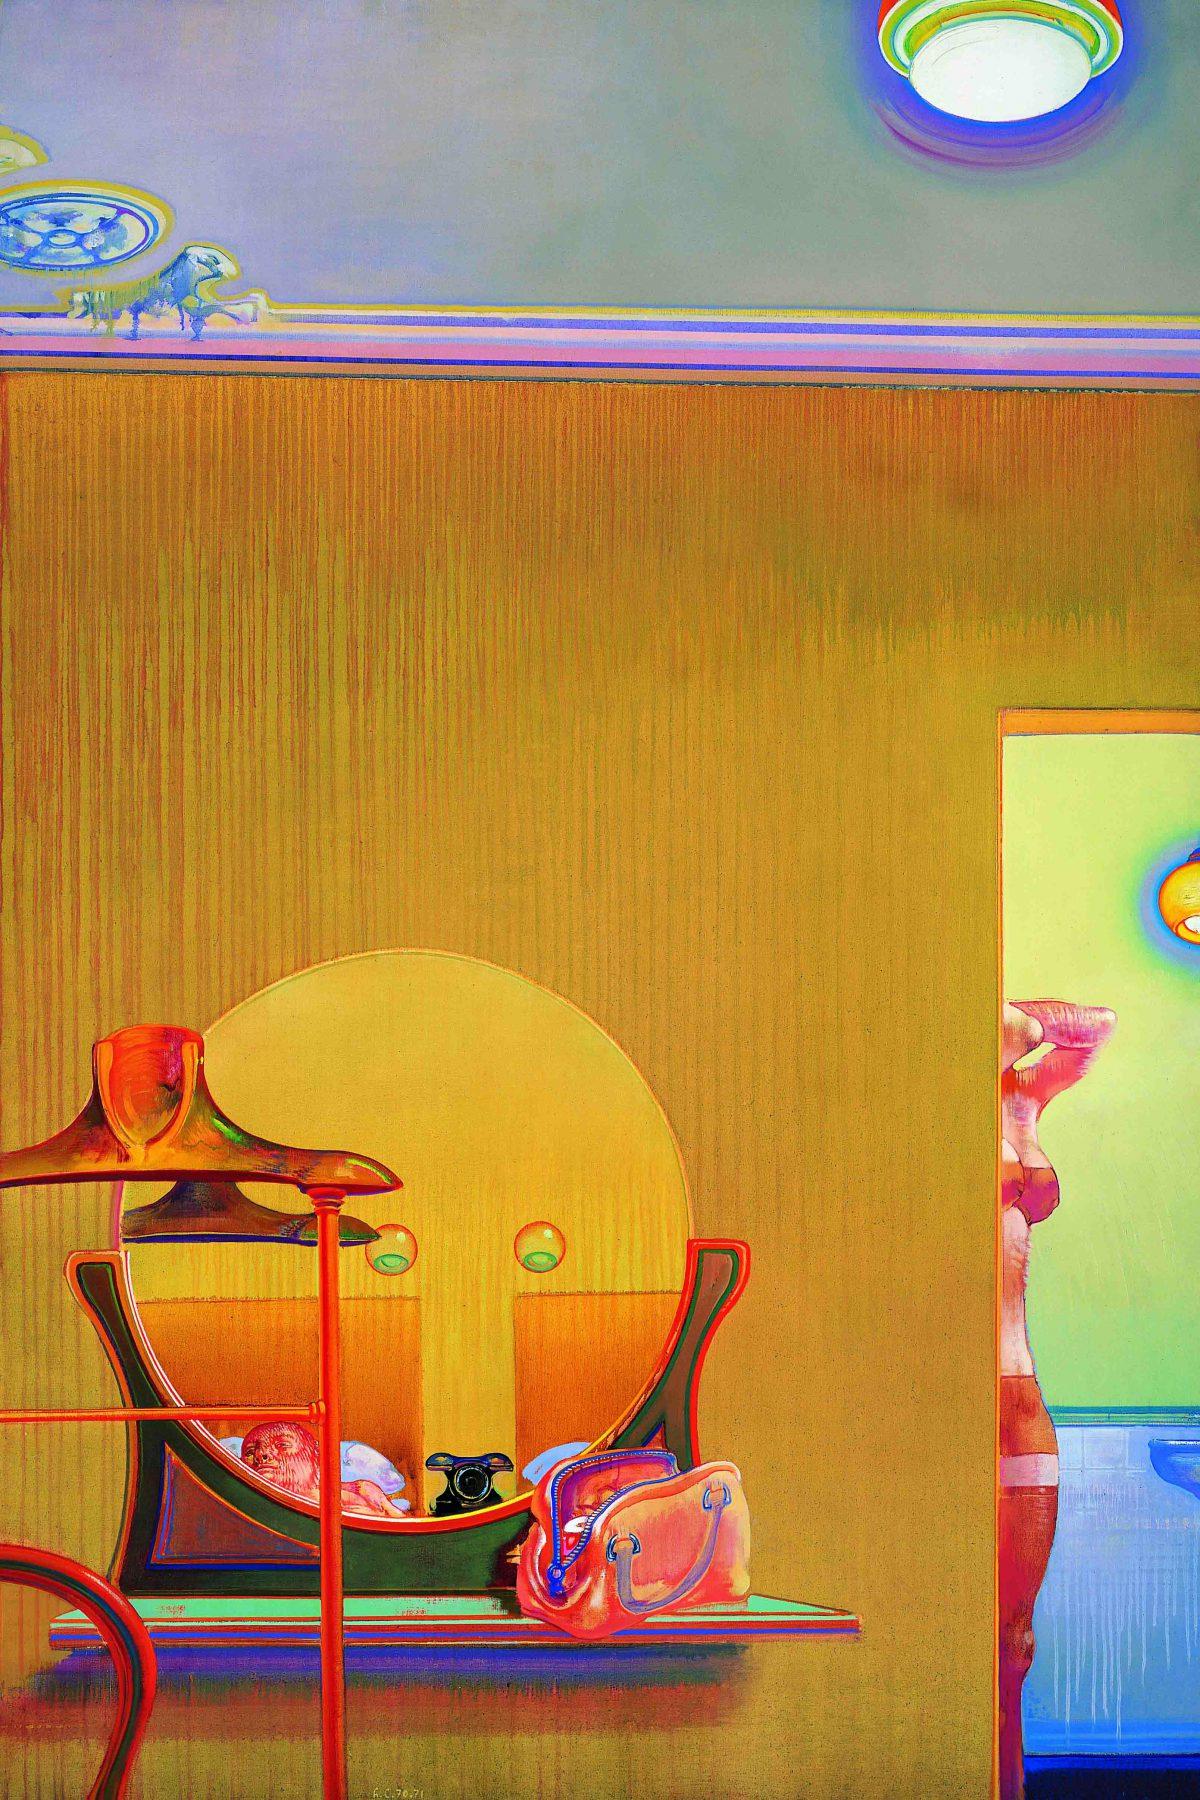 Les-indiscretions-d-une-chambre-1970-1971-huile-sur-toile